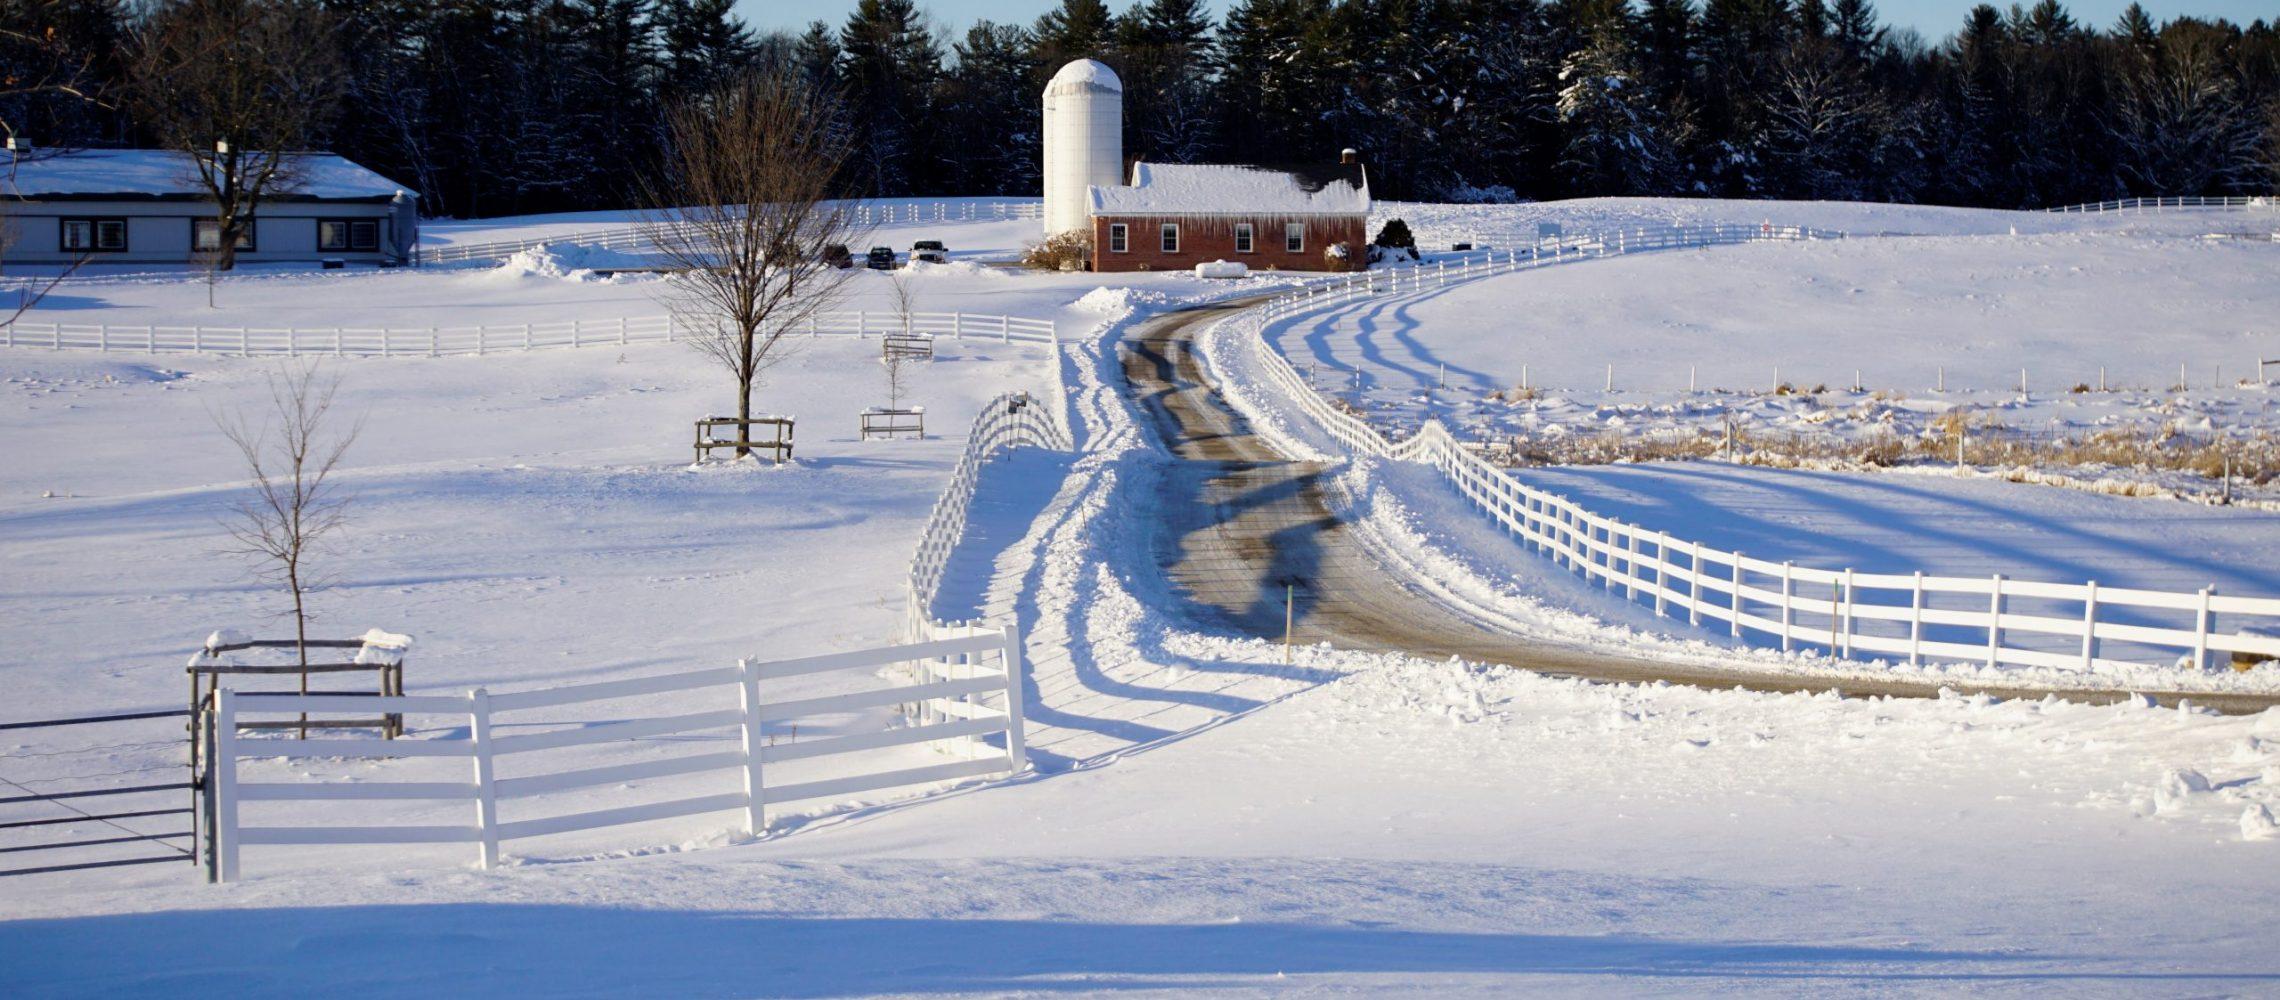 Smokehouse farm visit